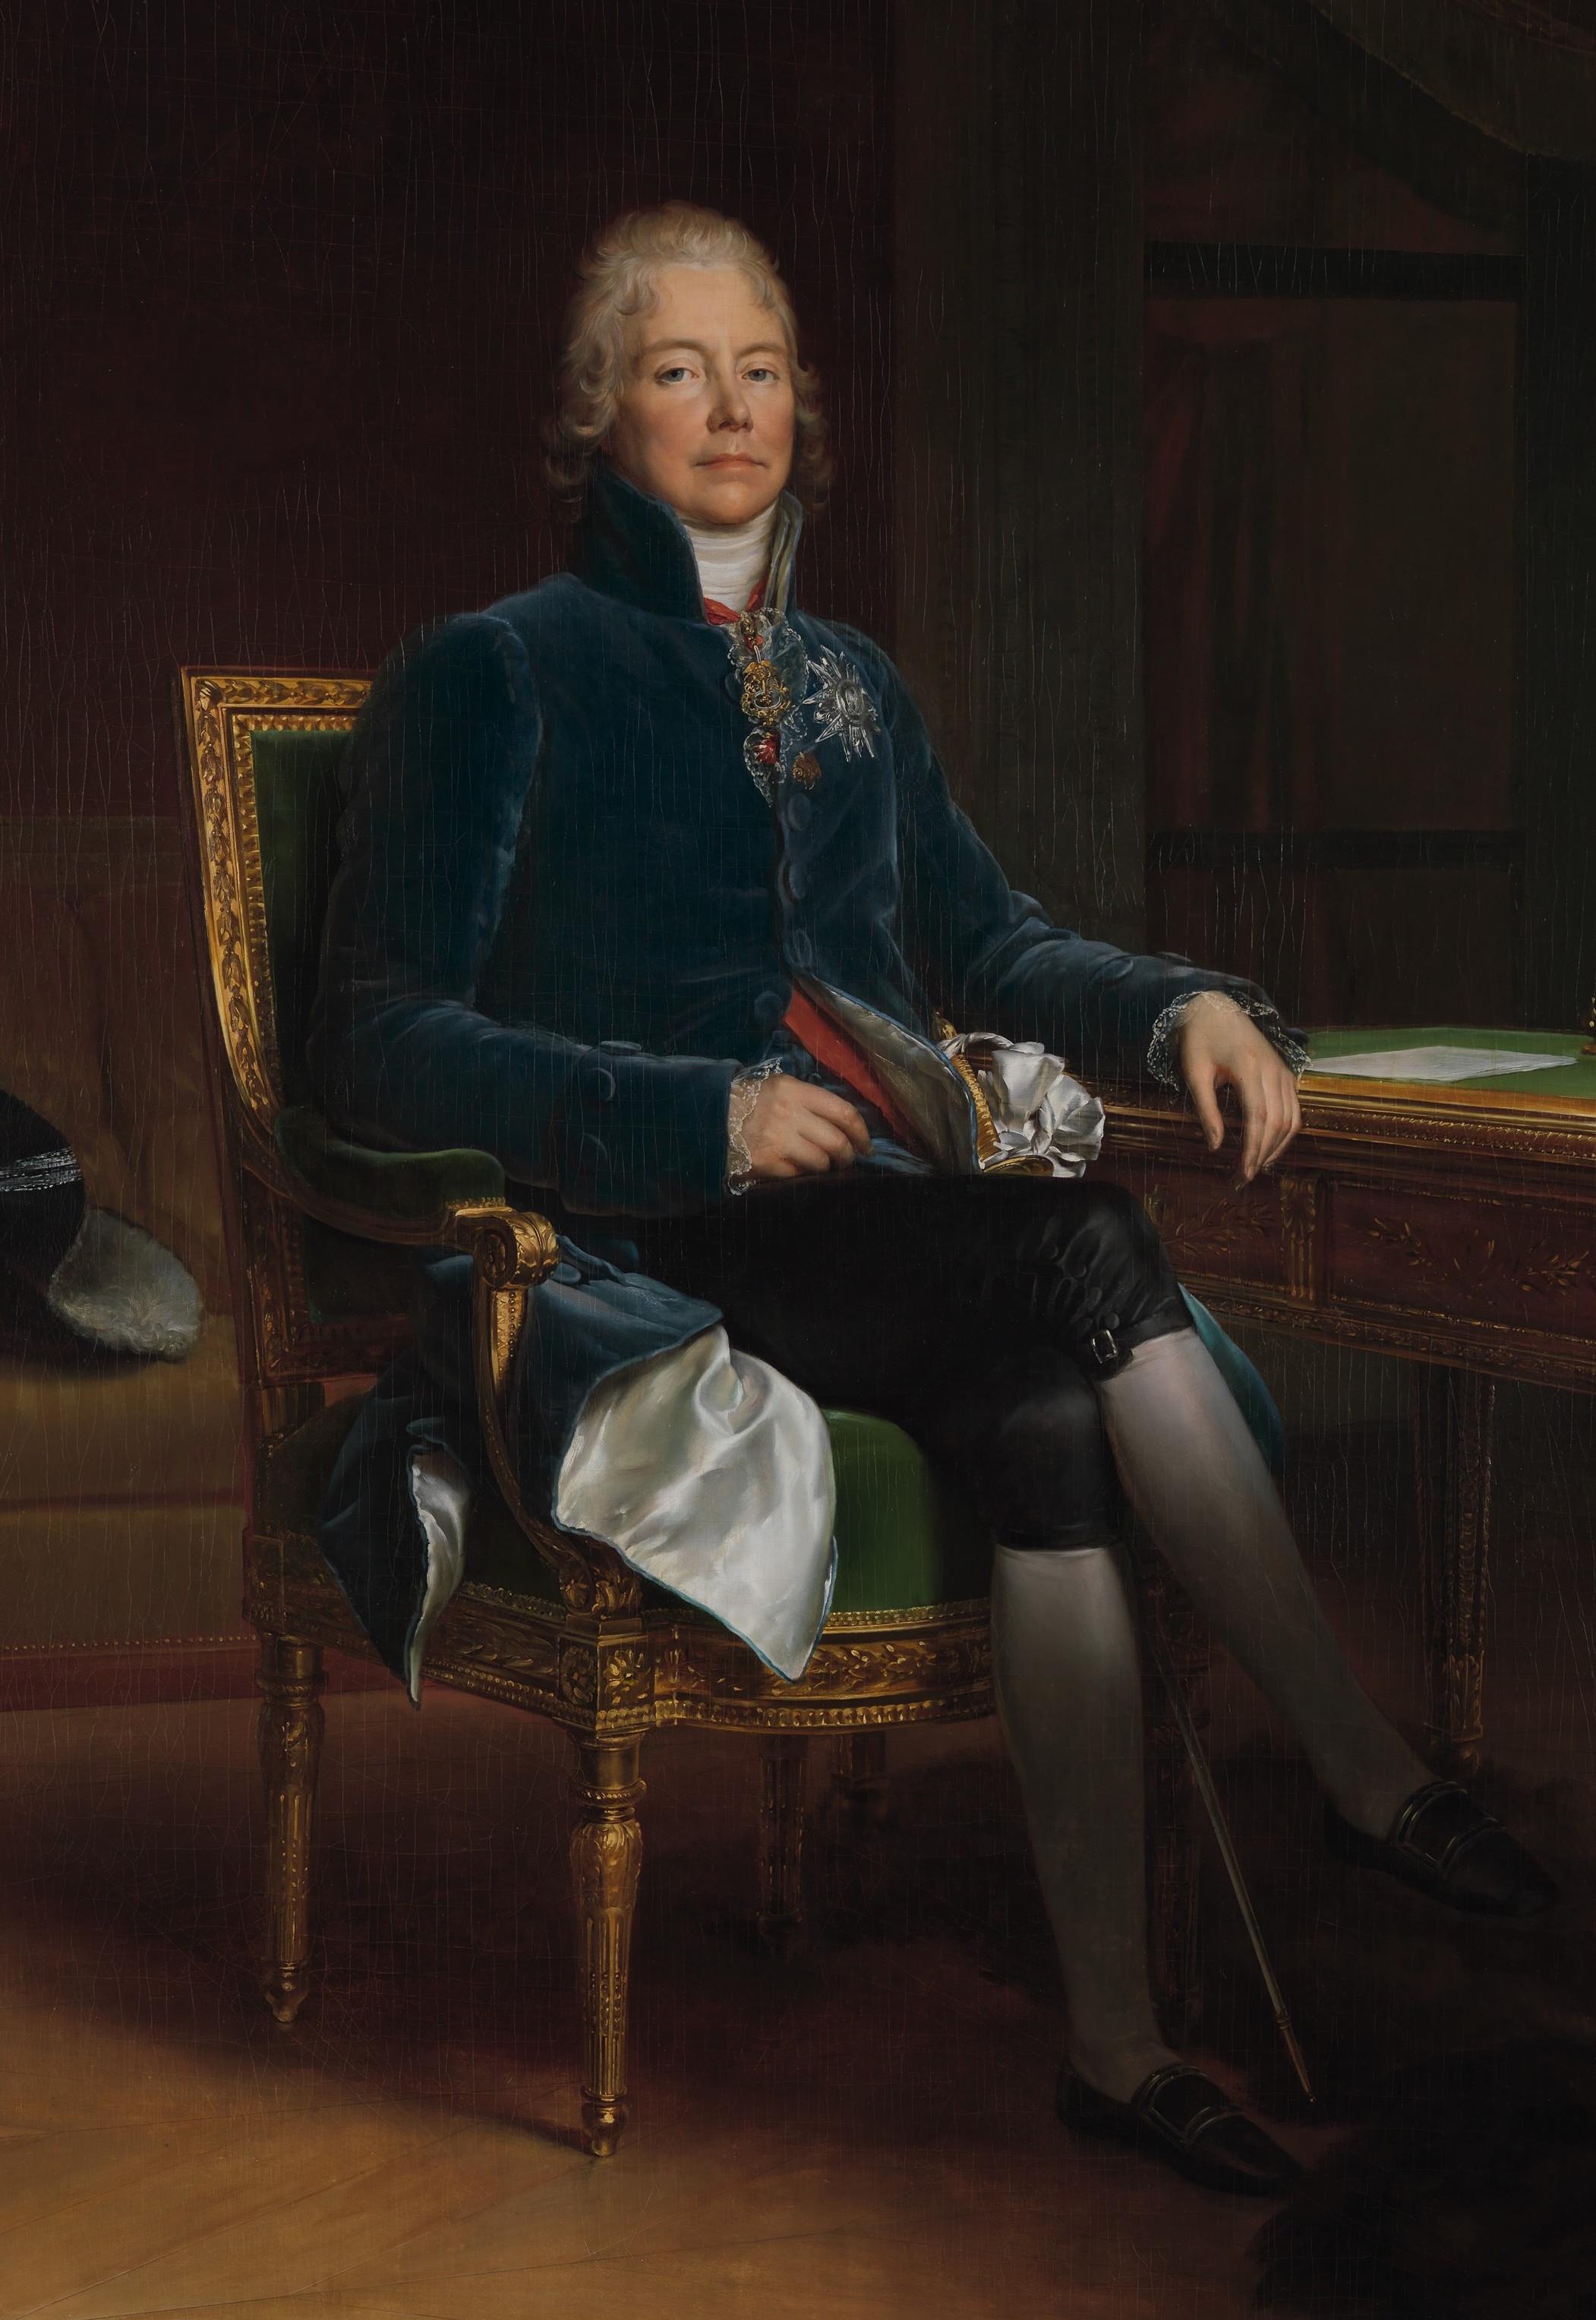 Resultado de imagen para Fotos de Talleyrand